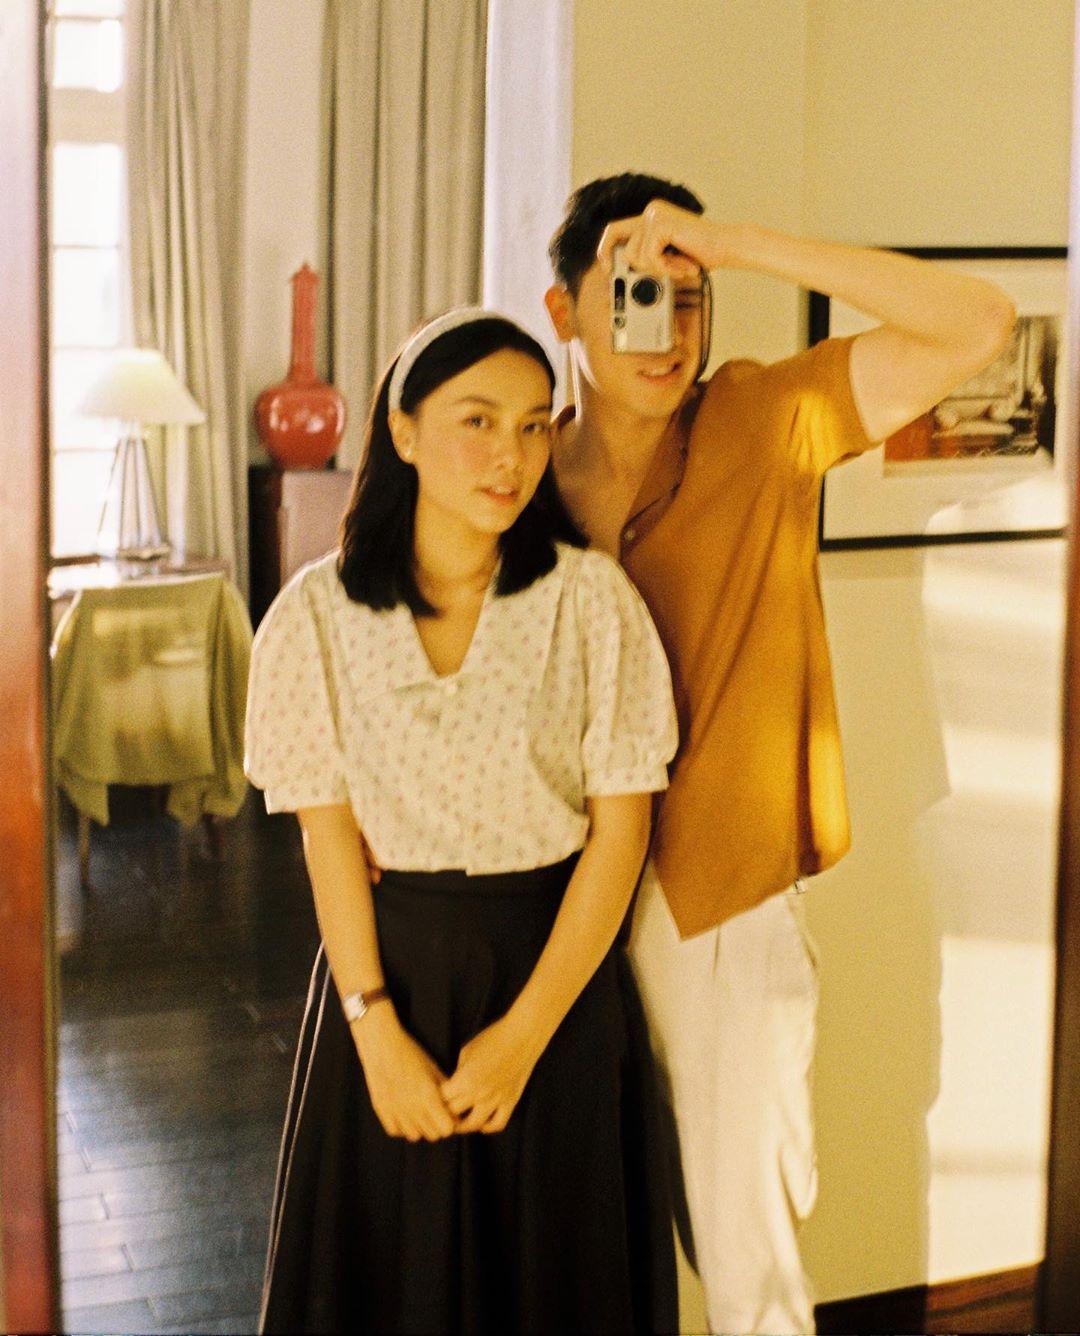 11 set đồ vừa đẹp còn vừa dễ mặc từ sao Việt mà bạn có thể áp dụng ngay cho style đi chơi ngày nghỉ lễ - Ảnh 11.